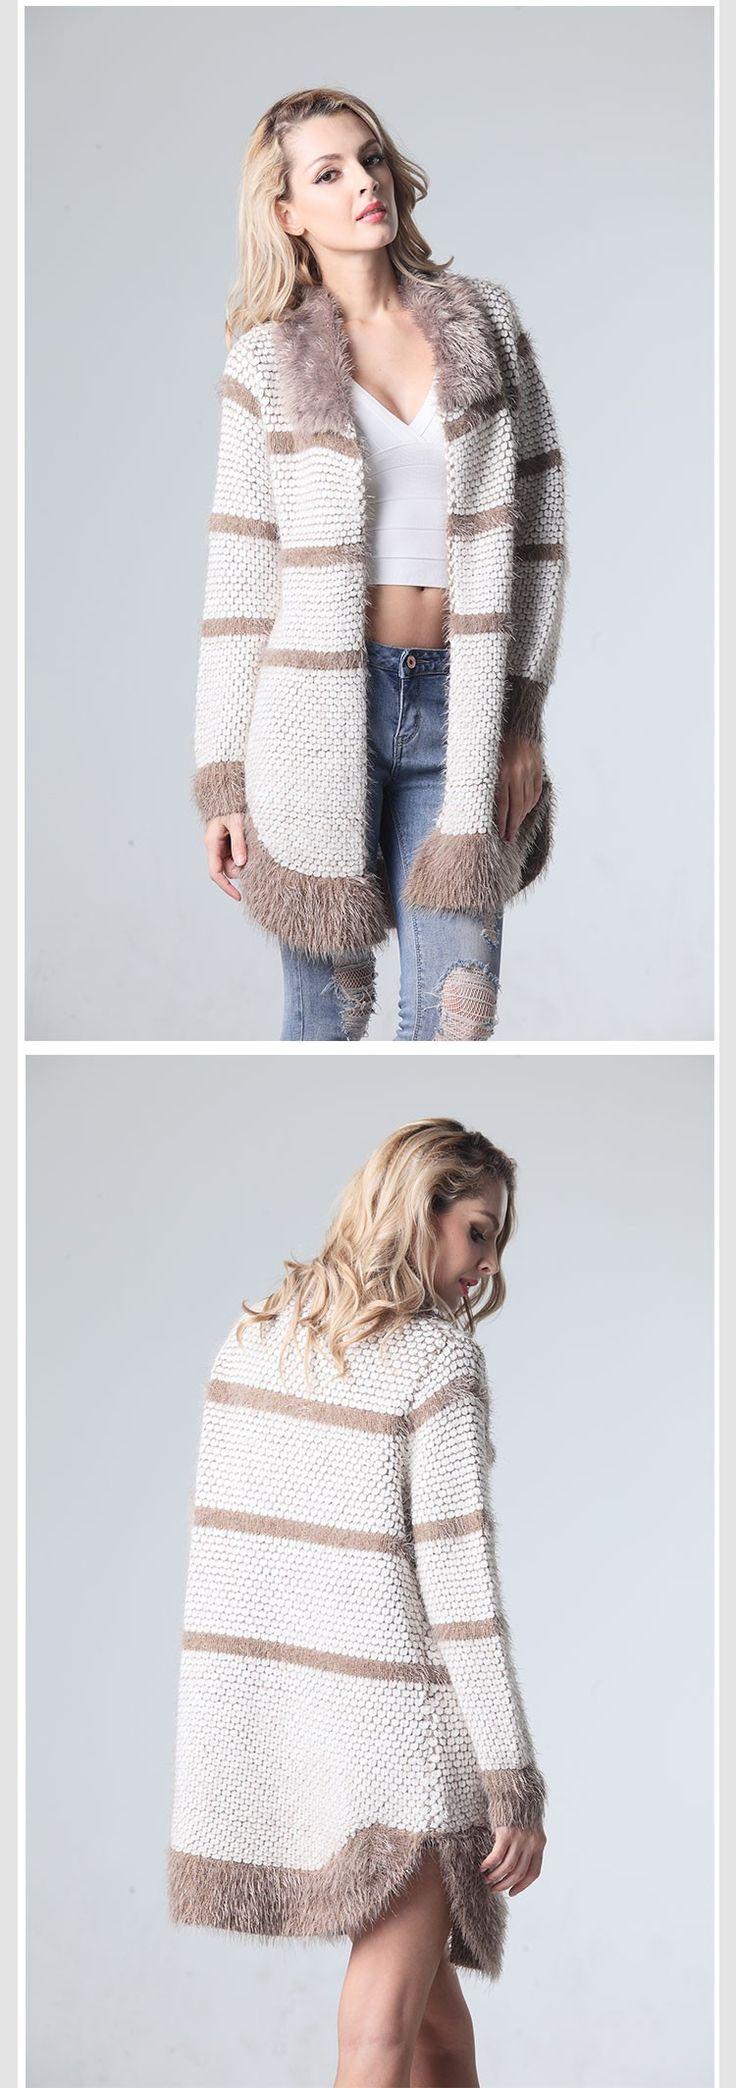 Mujeres suéteres moda 2016 resorte de la largo Cardigans cuello de piel delgada…